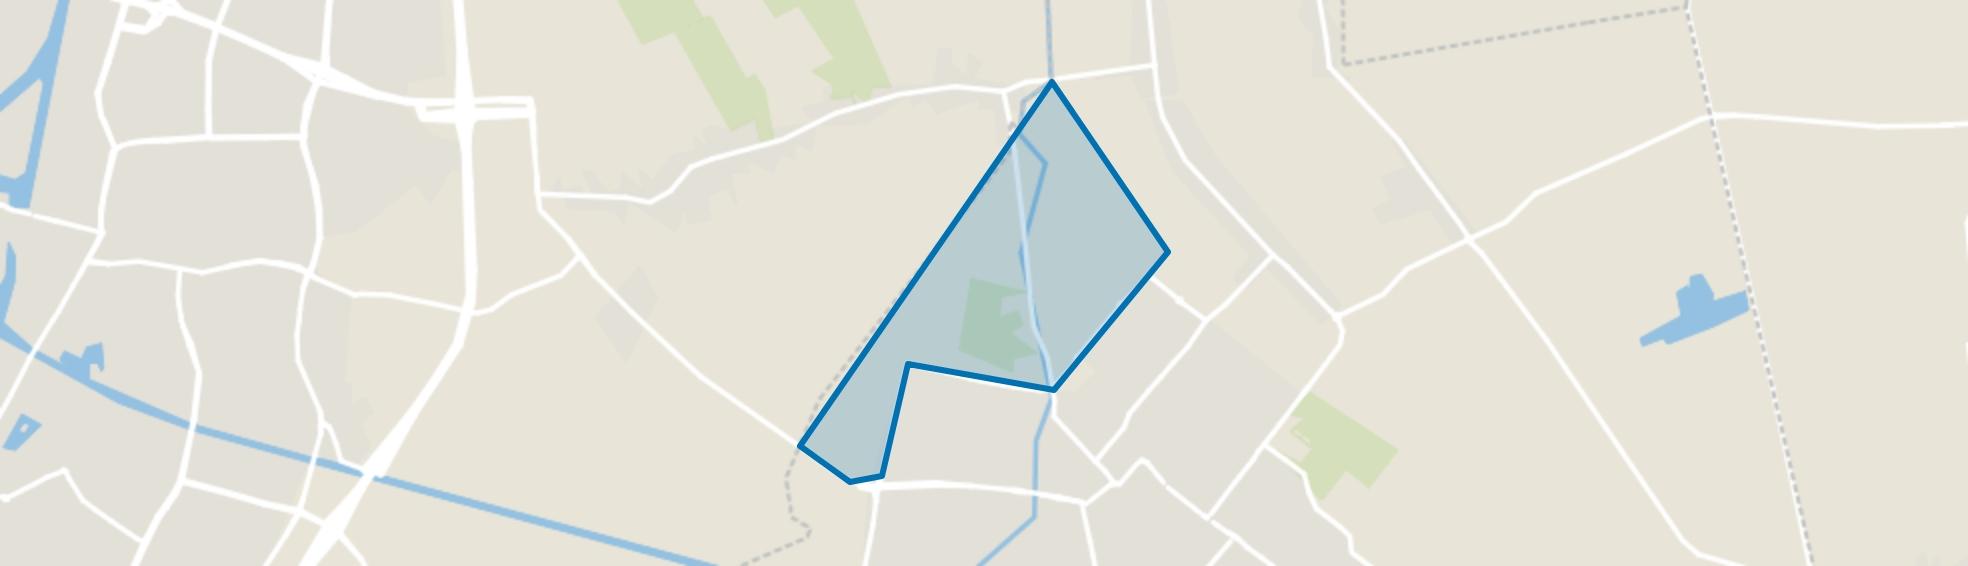 Buitengebied West 2, Dongen map